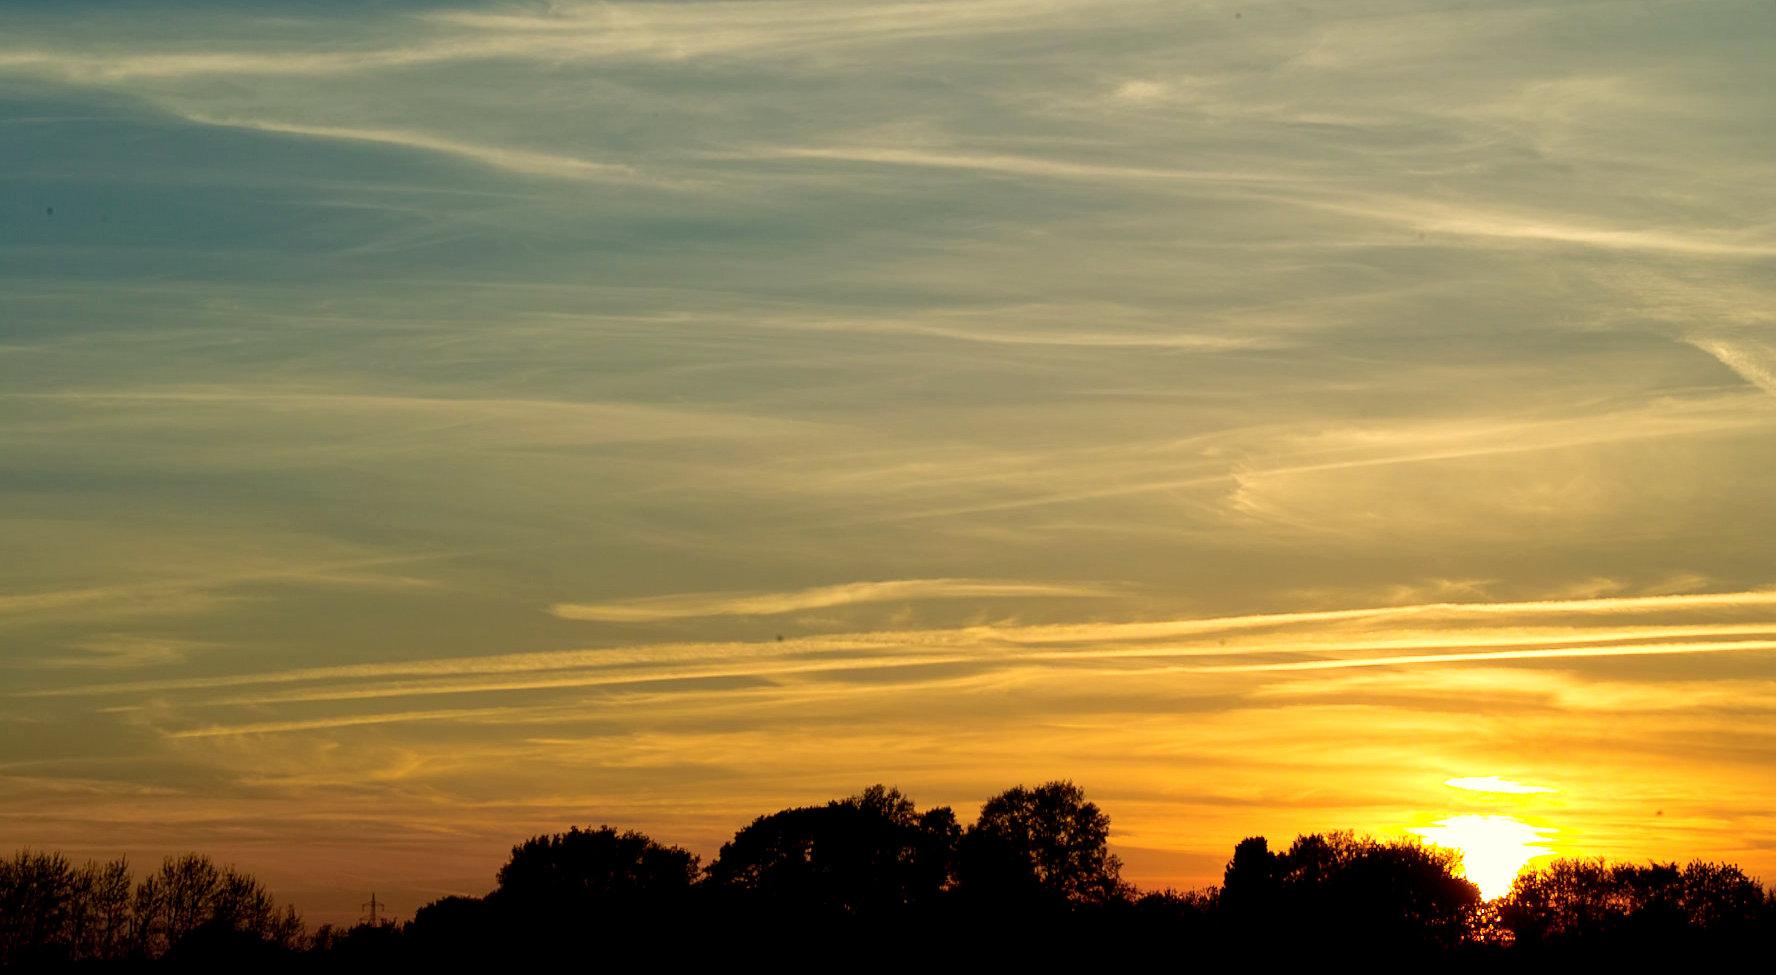 Sonnenuntergang in Krefeld